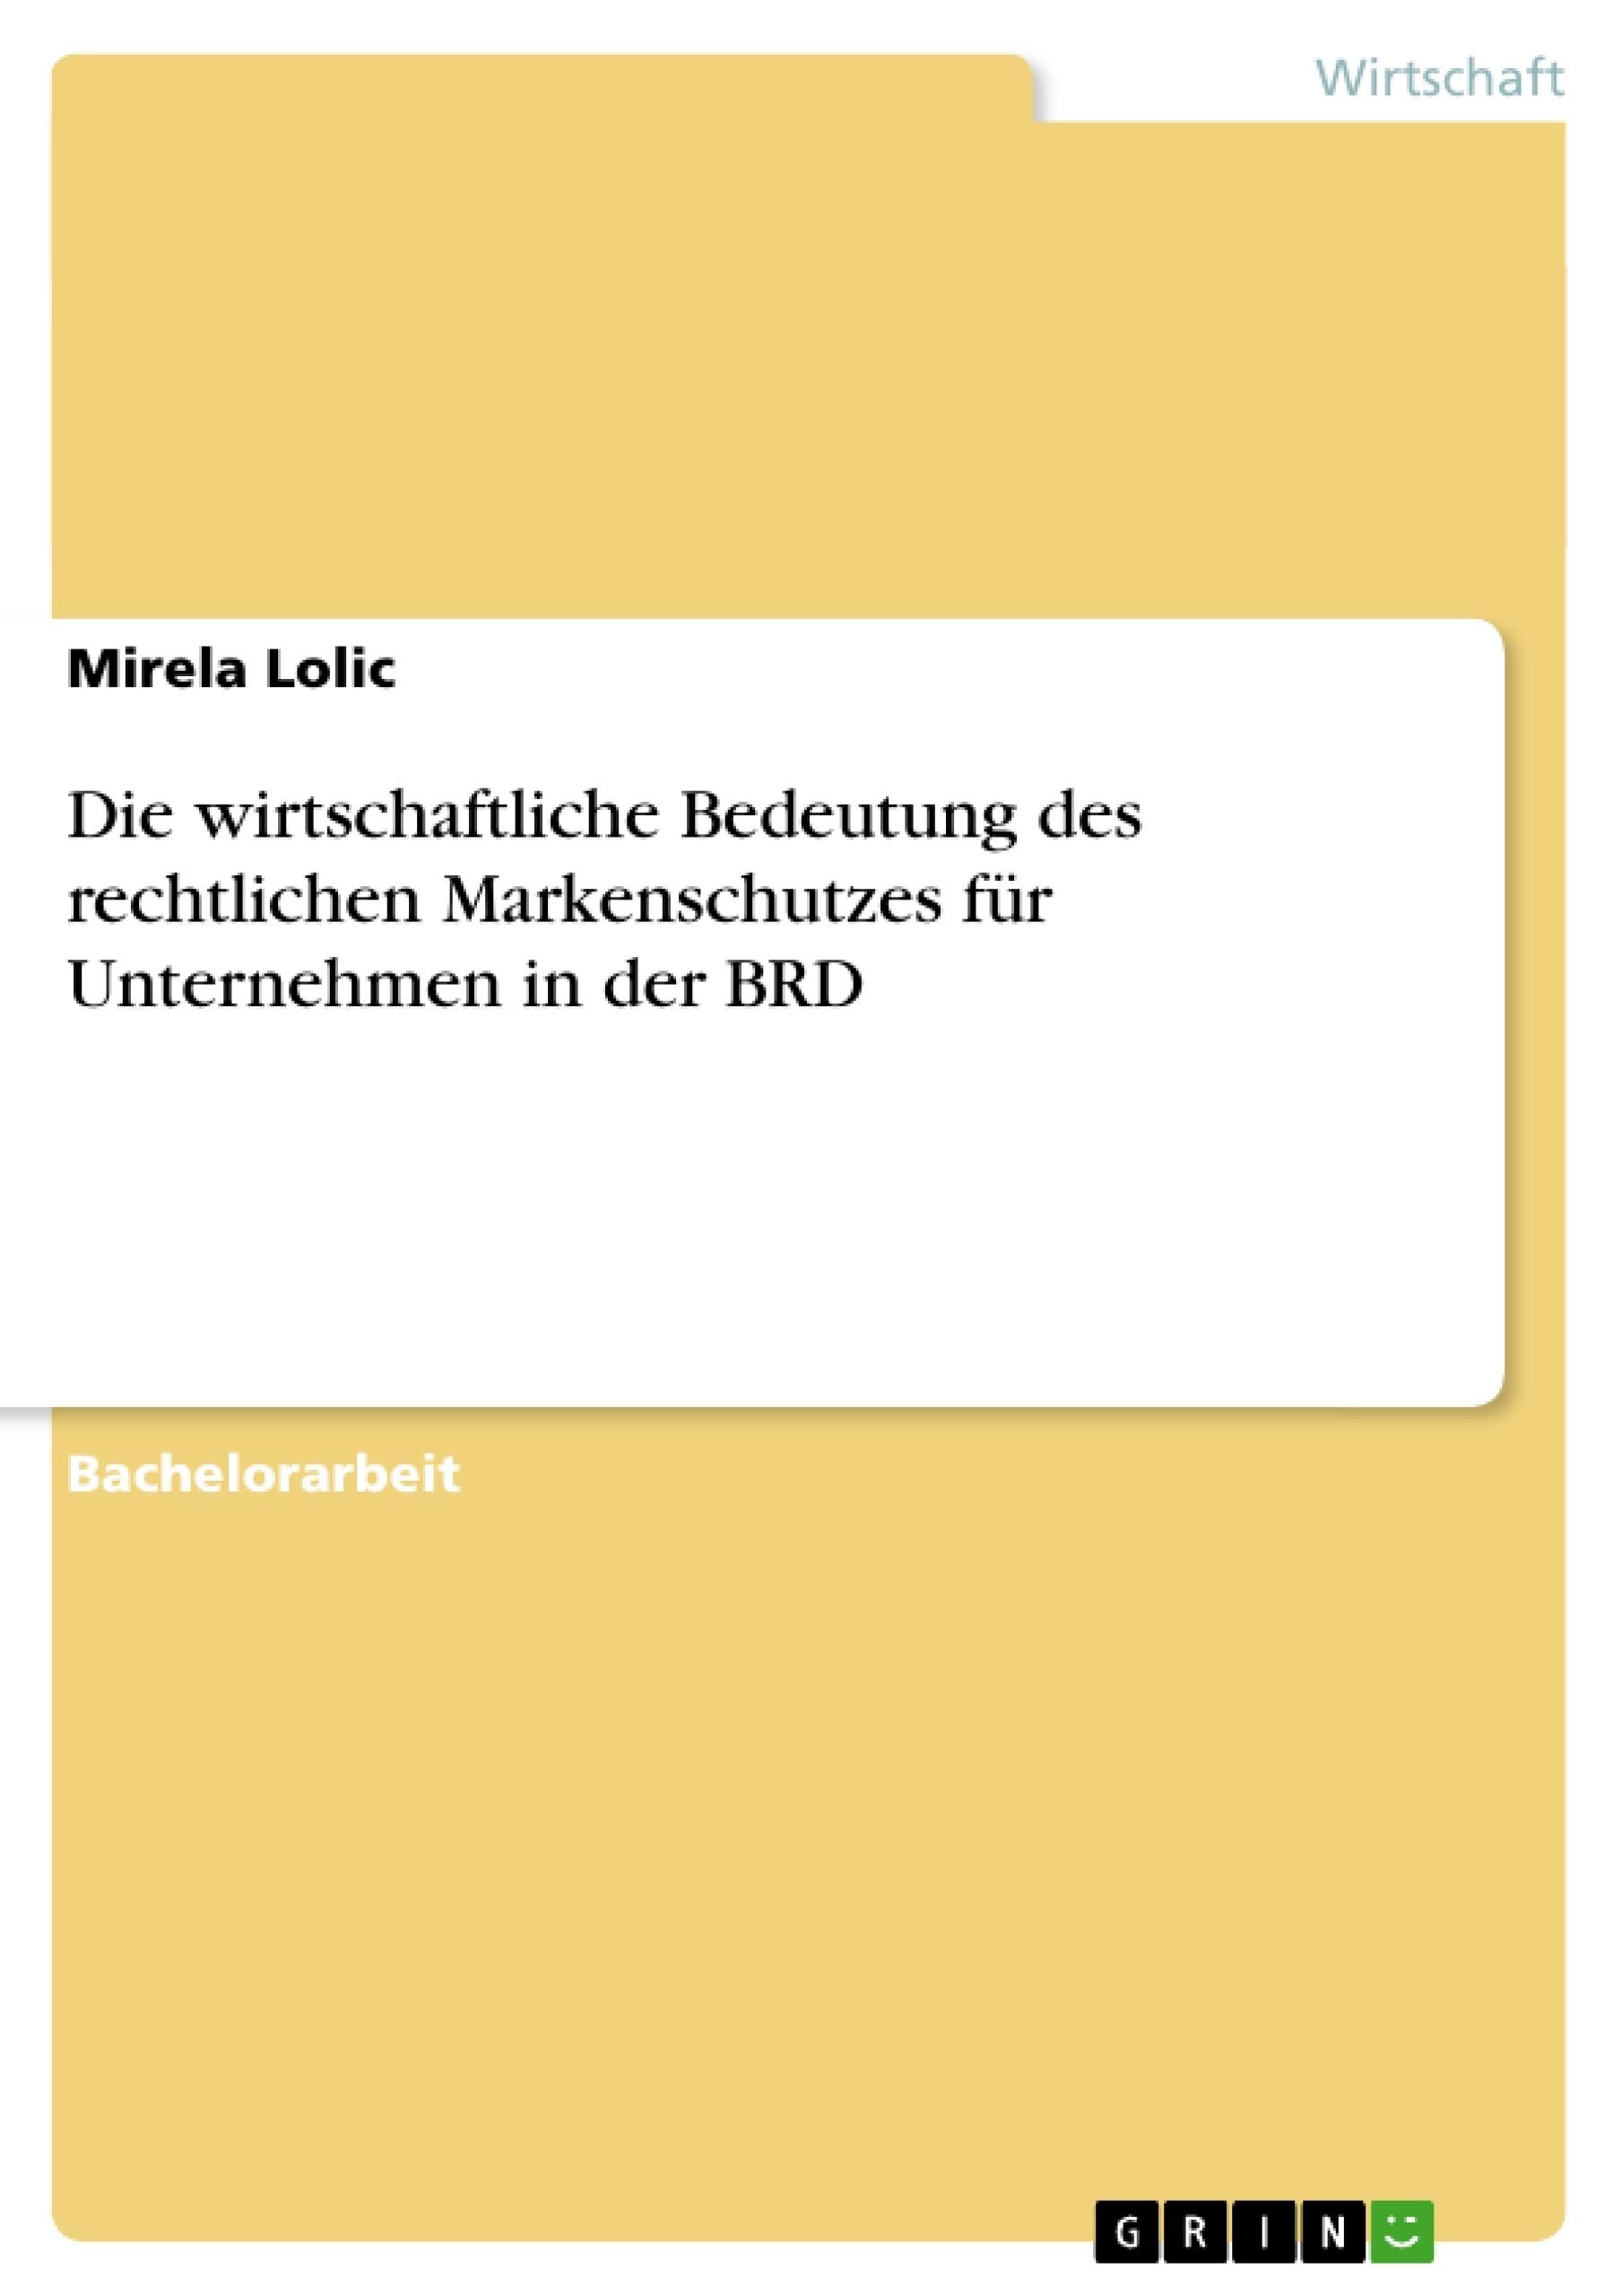 Titel: Die wirtschaftliche Bedeutung des rechtlichen Markenschutzes für Unternehmen in der BRD